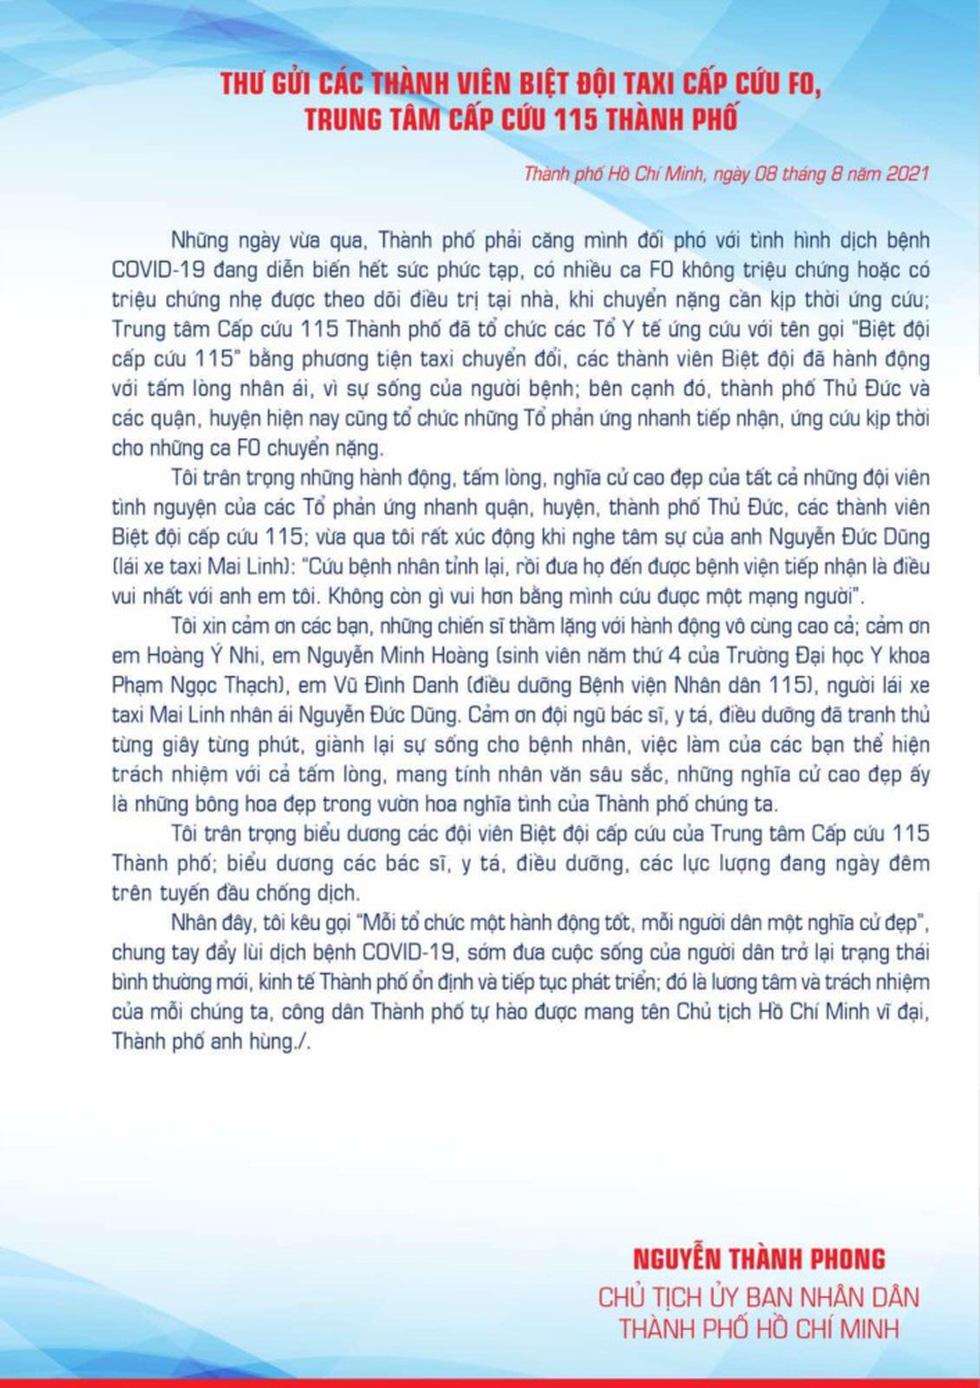 Chủ tịch Nguyễn Thành Phong gửi thư cảm ơn biệt đội taxi cấp cứu F0, Trung tâm Cấp cứu 115 - Ảnh 2.